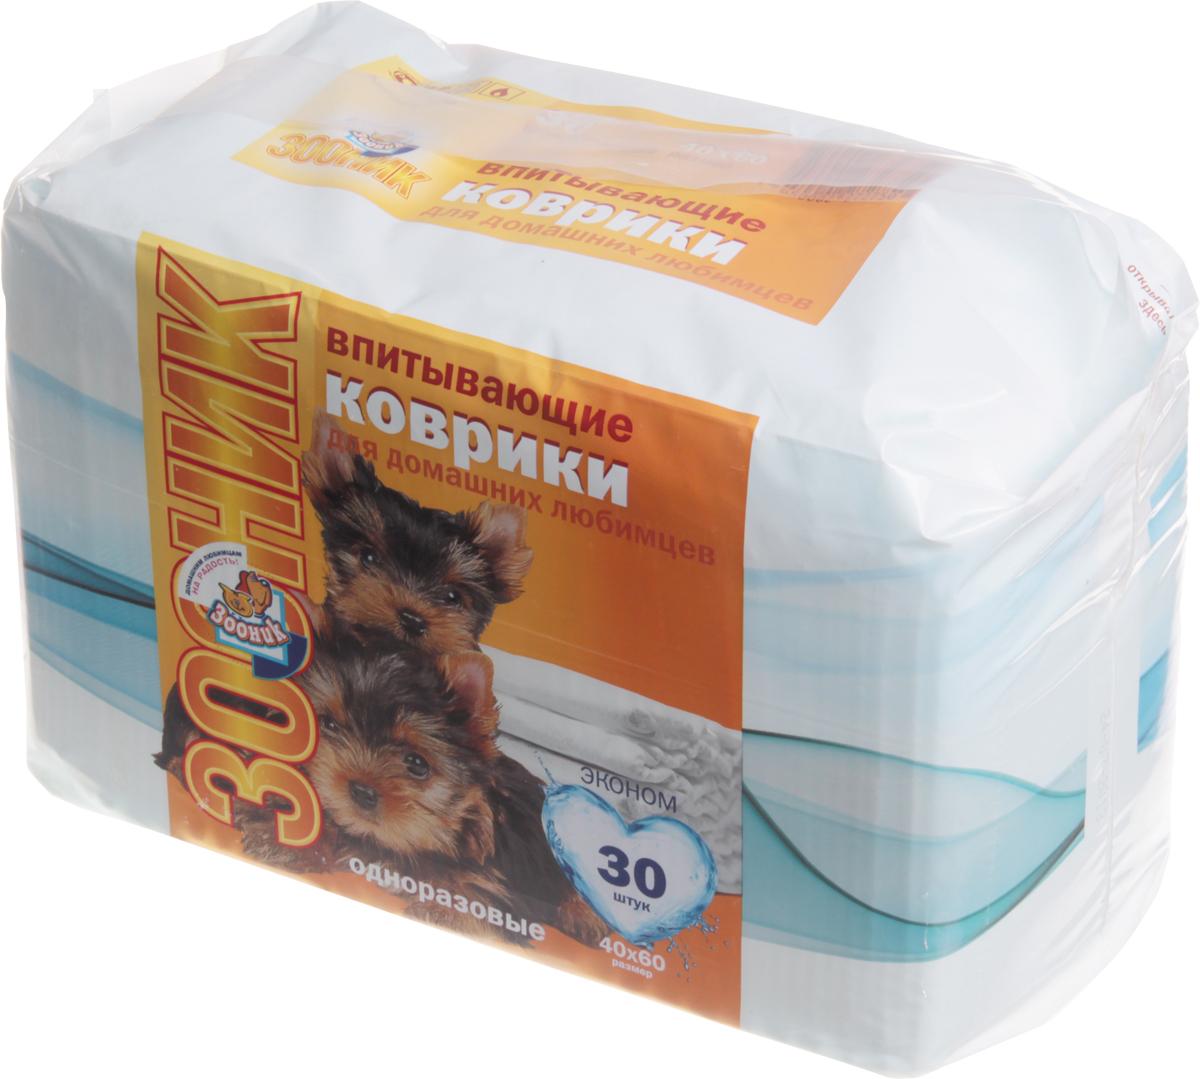 Коврики впитывающие Зооник, 40х60 см, 30 шт3006Коврики впитывающие Зооник предназначены для одноразового использования. Верхний слой изготовлен из мягкого нетканого гипоаллергенного материала, который отлично впитывает и удерживает влагу и поглащает запах. Коврики могут использоваться как для туалетных лотков, так и при транспортировке в переноске или автомобиле. Размер : 40Х60 см. Количество: 30 шт.